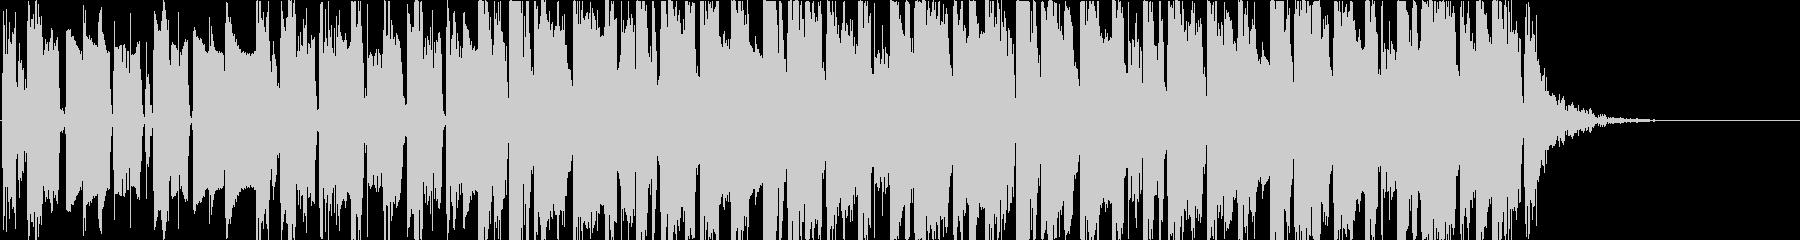 アパレルCM/ファンキーなブラス曲の未再生の波形